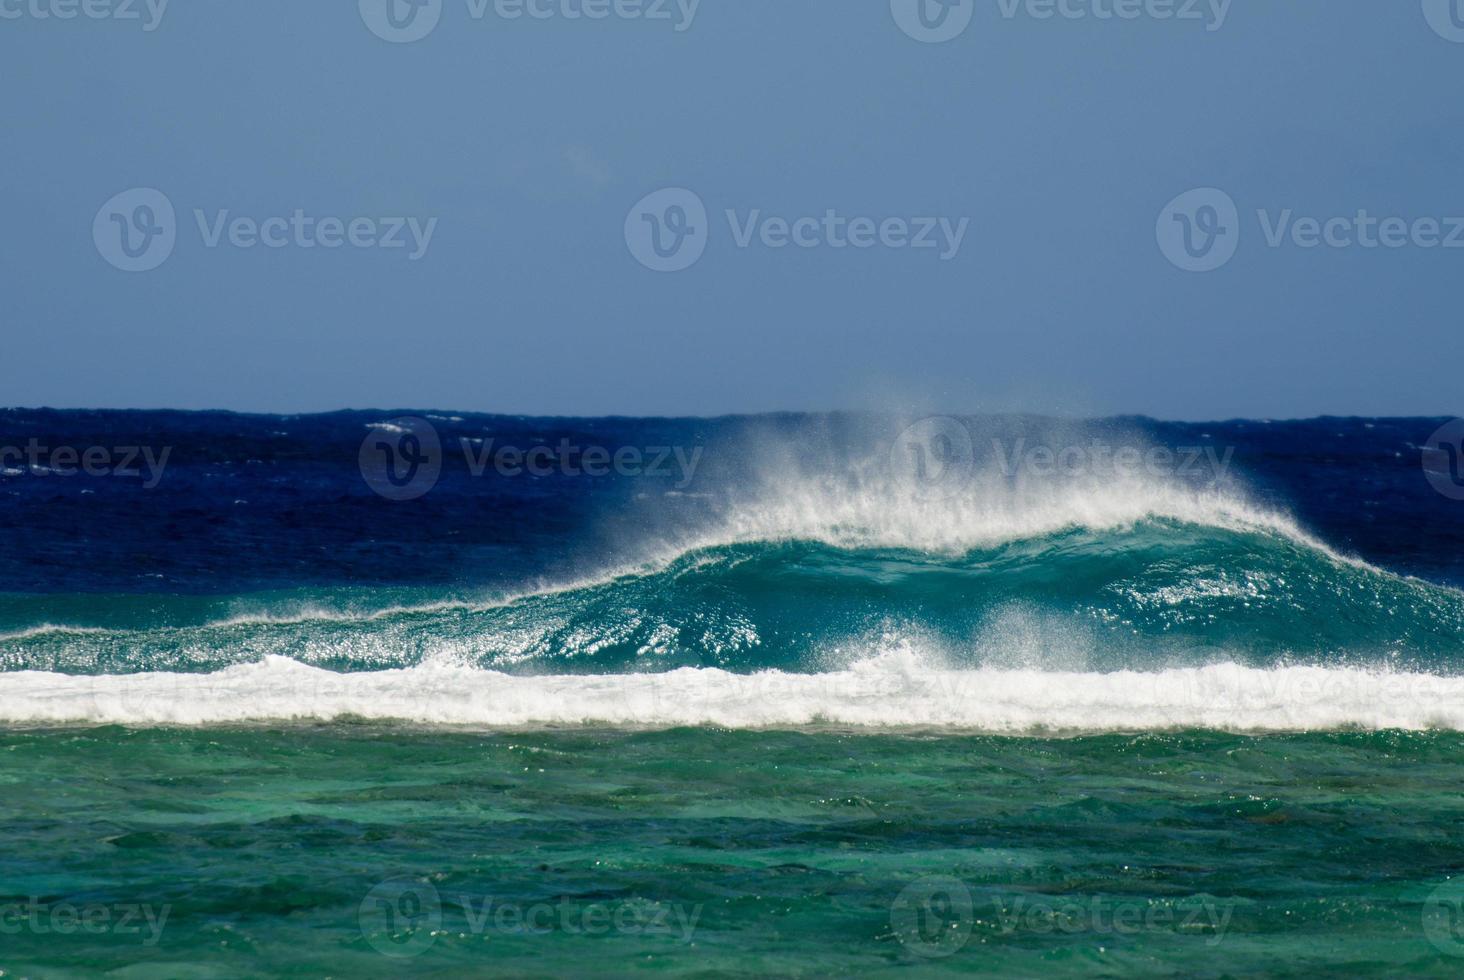 gran ola en la isla del pacífico foto